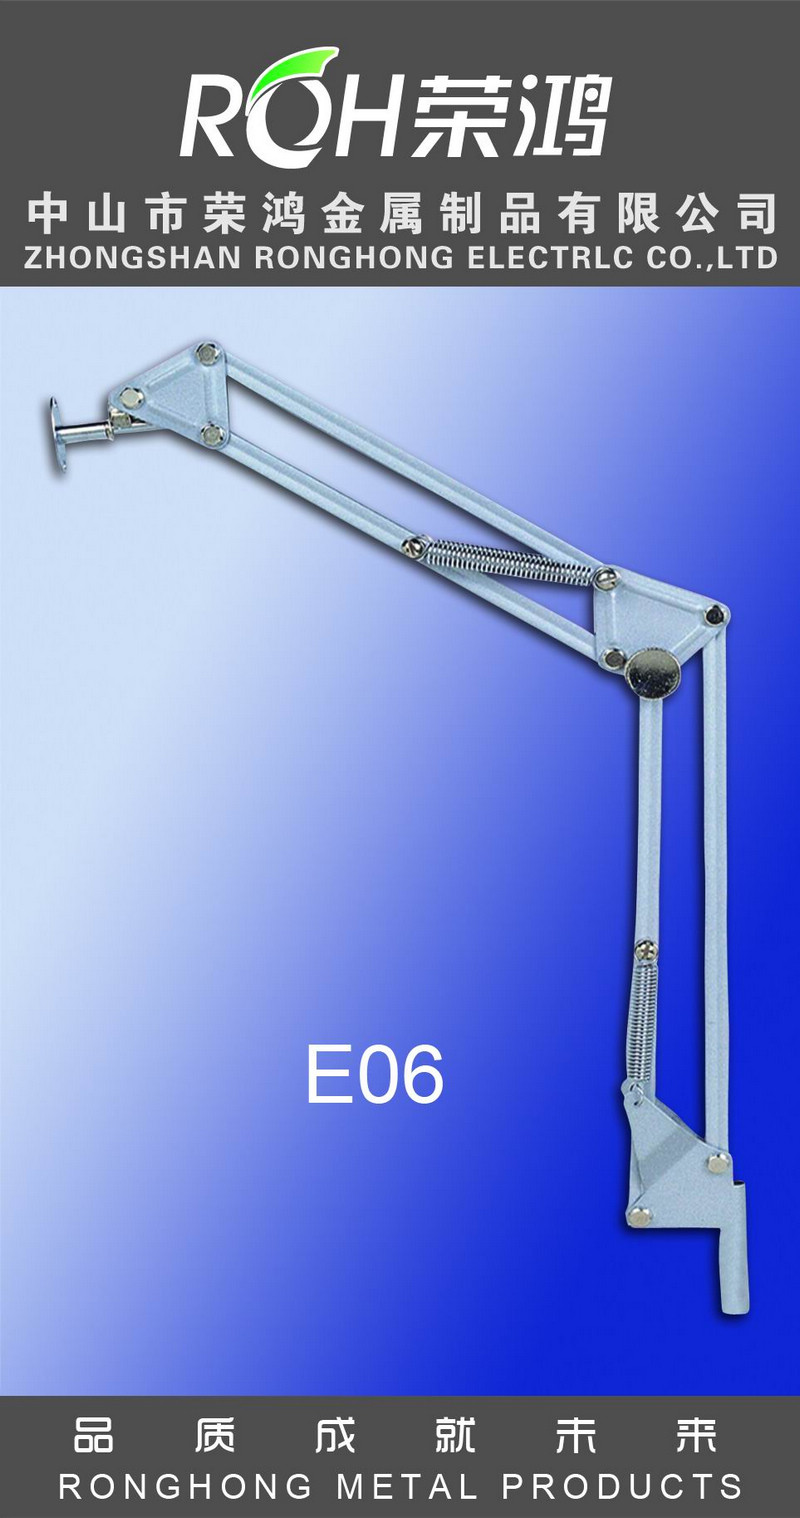 摇臂支架图片-型号为E06-有各种电镀、喷涂等表面处理,喷银色